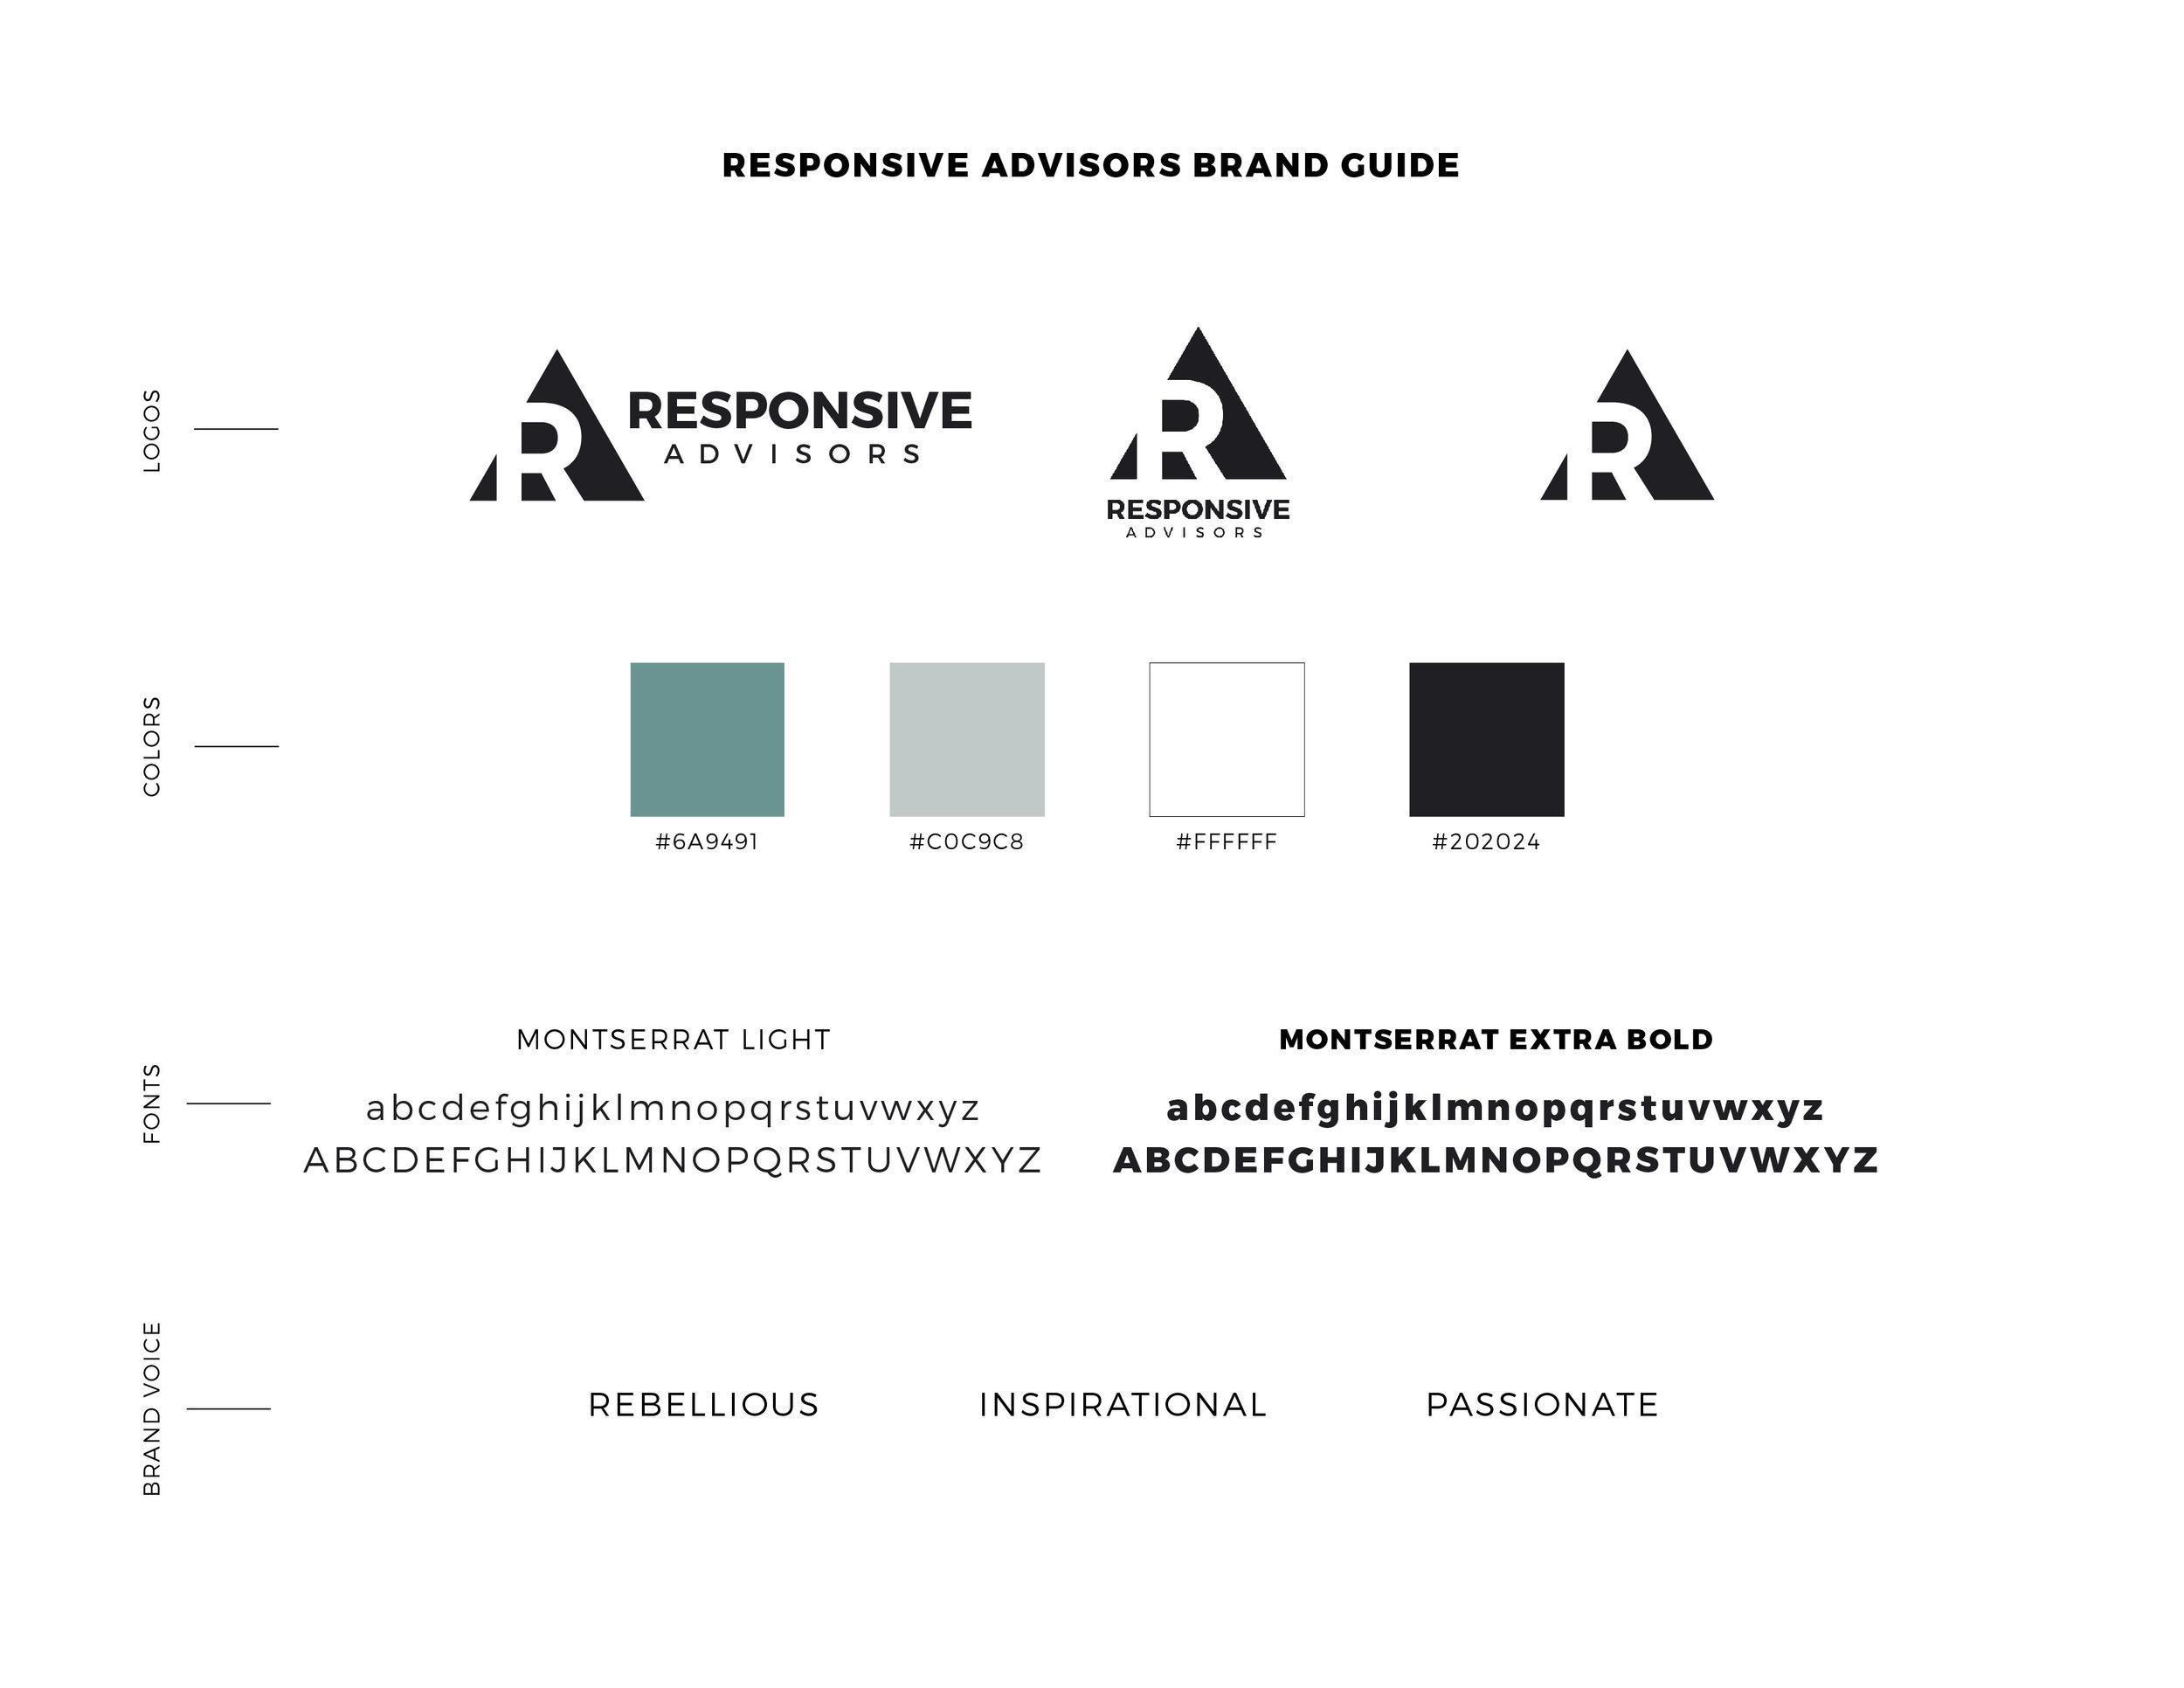 responsive-advisors-brand-guide